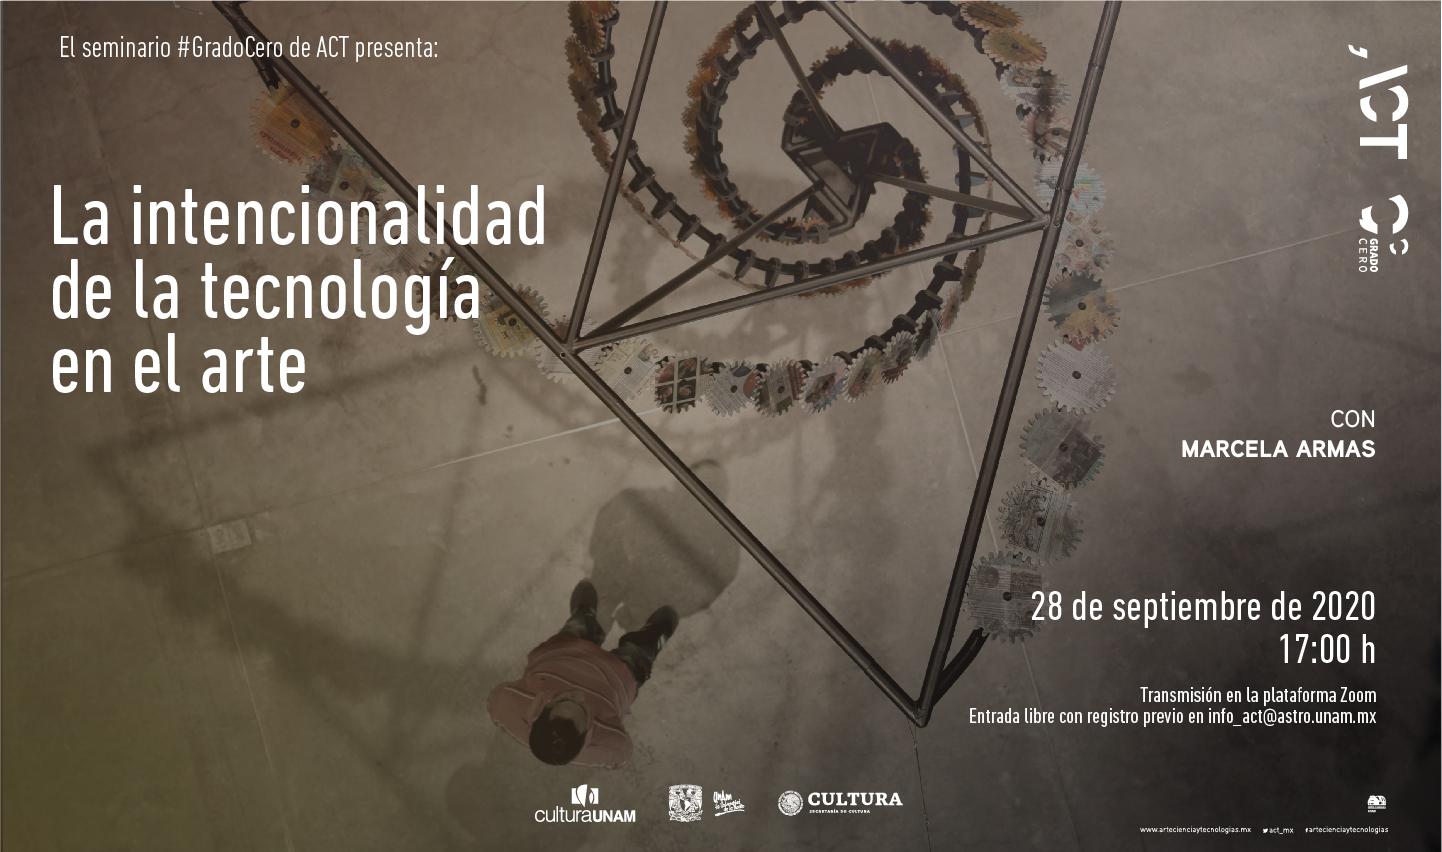 Grado Cero: La intencionalidad de la tecnología en el arte